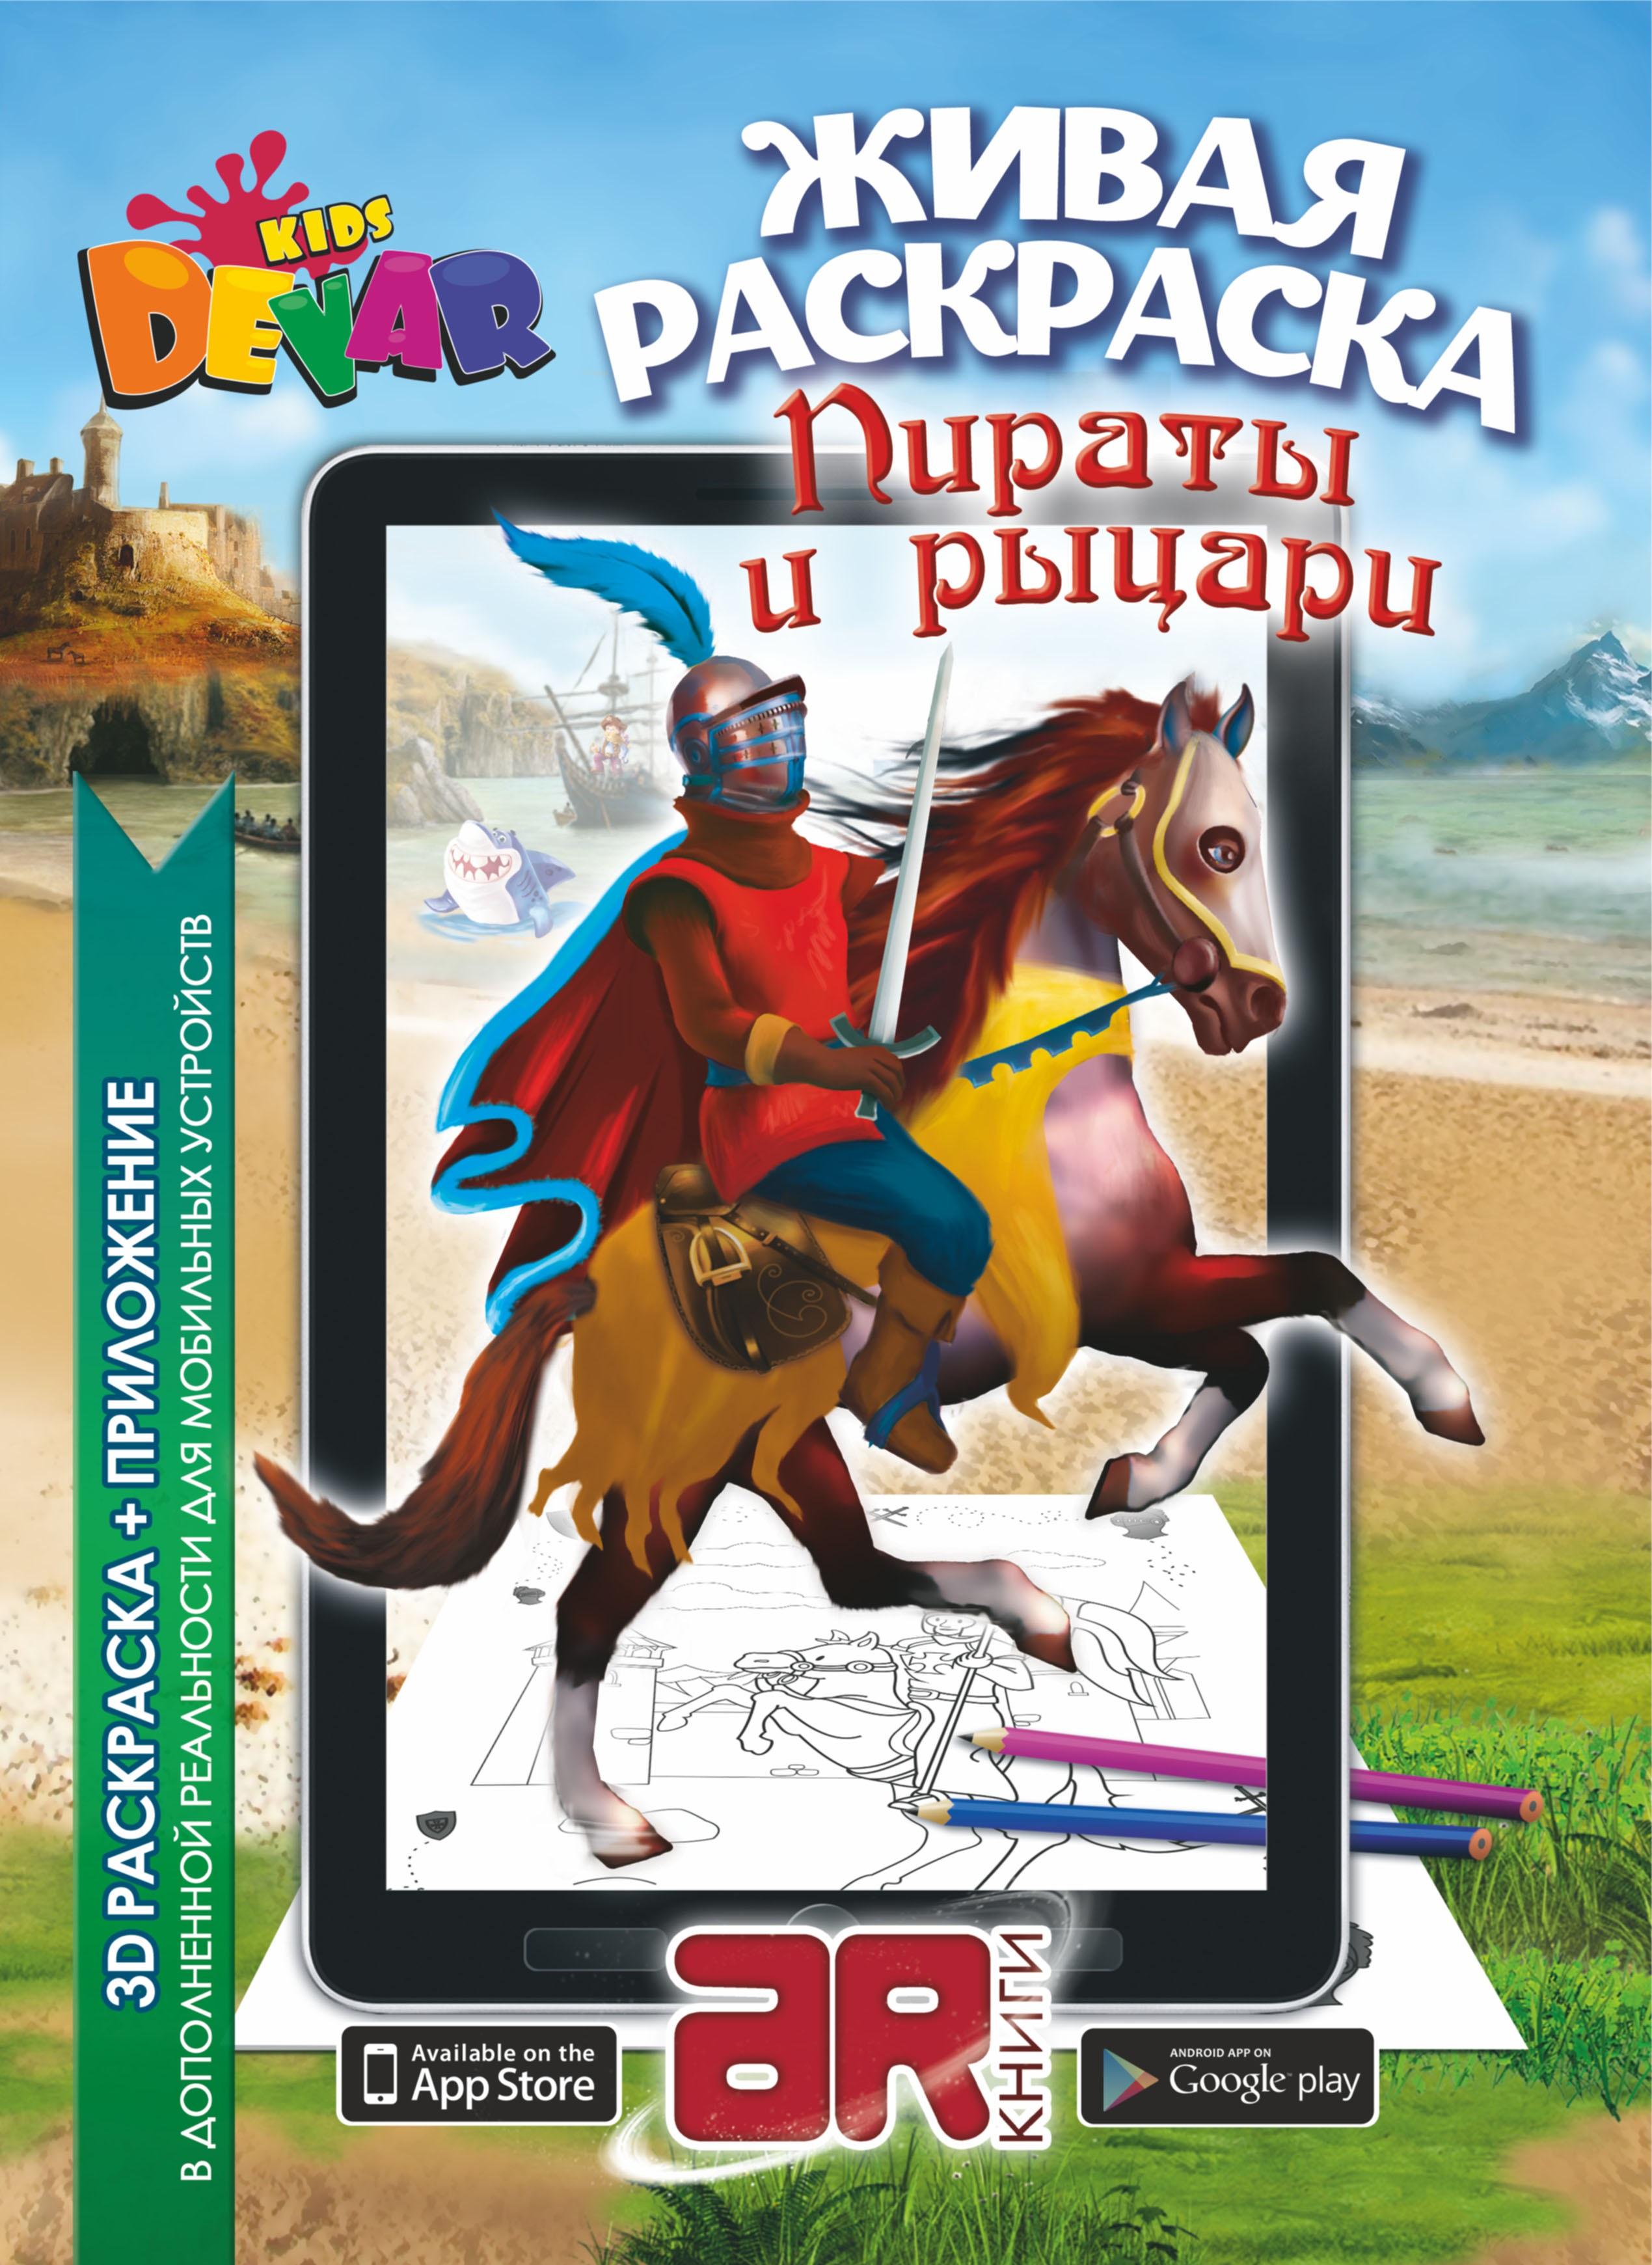 Раскраска «Пираты & Рыцари» А4, мягкая обложка раскраски devar сказка раскраска лиса и журавль а4 мягкая обложка